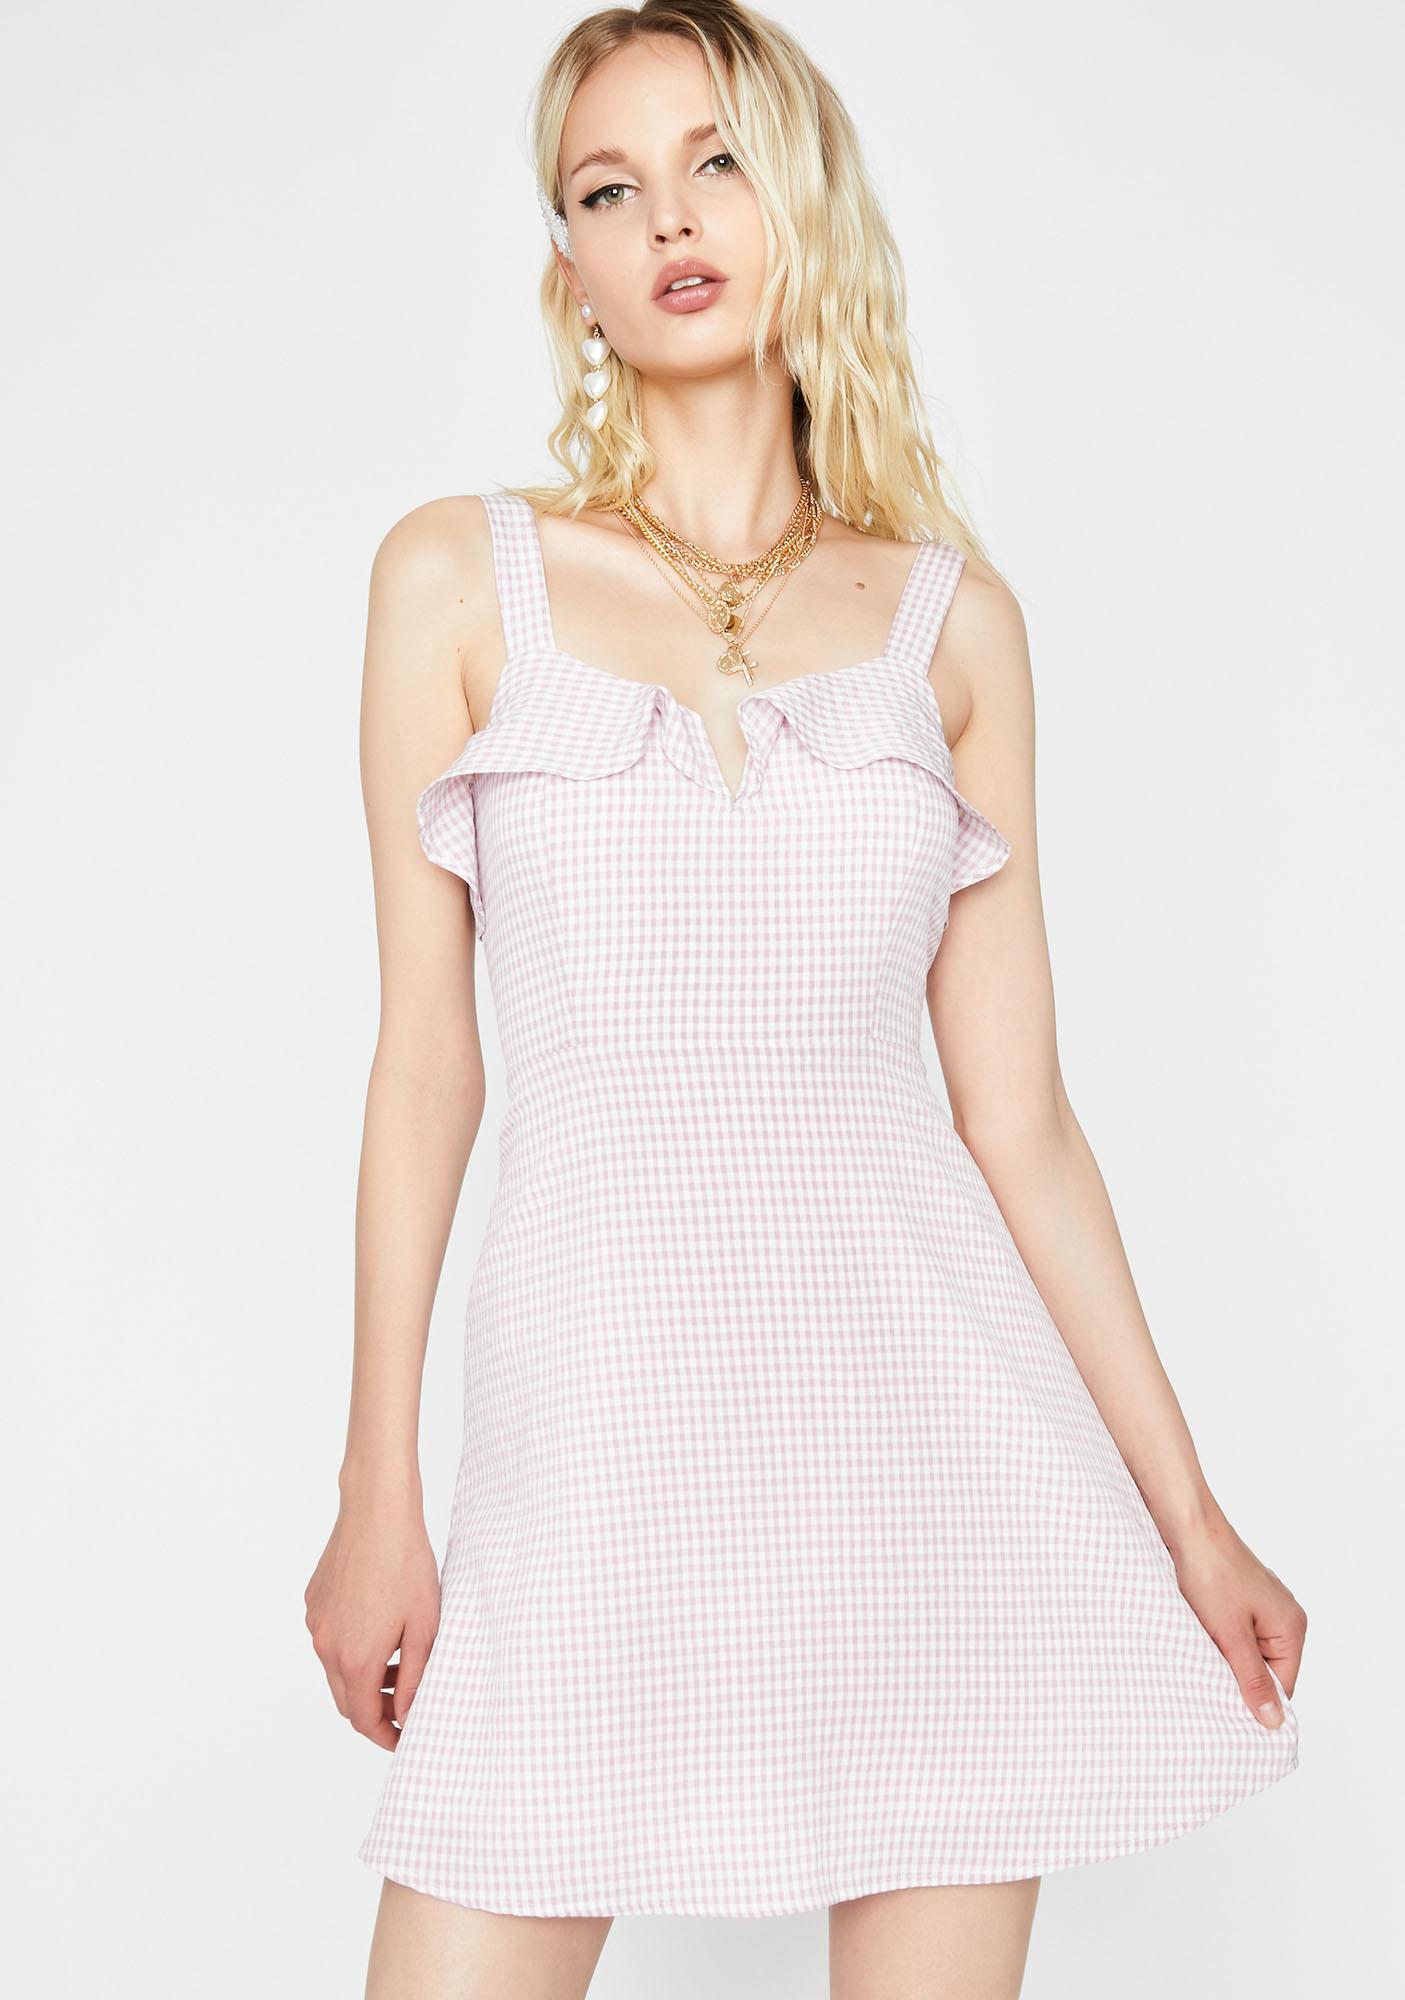 Call Me Cute Gingham Dress